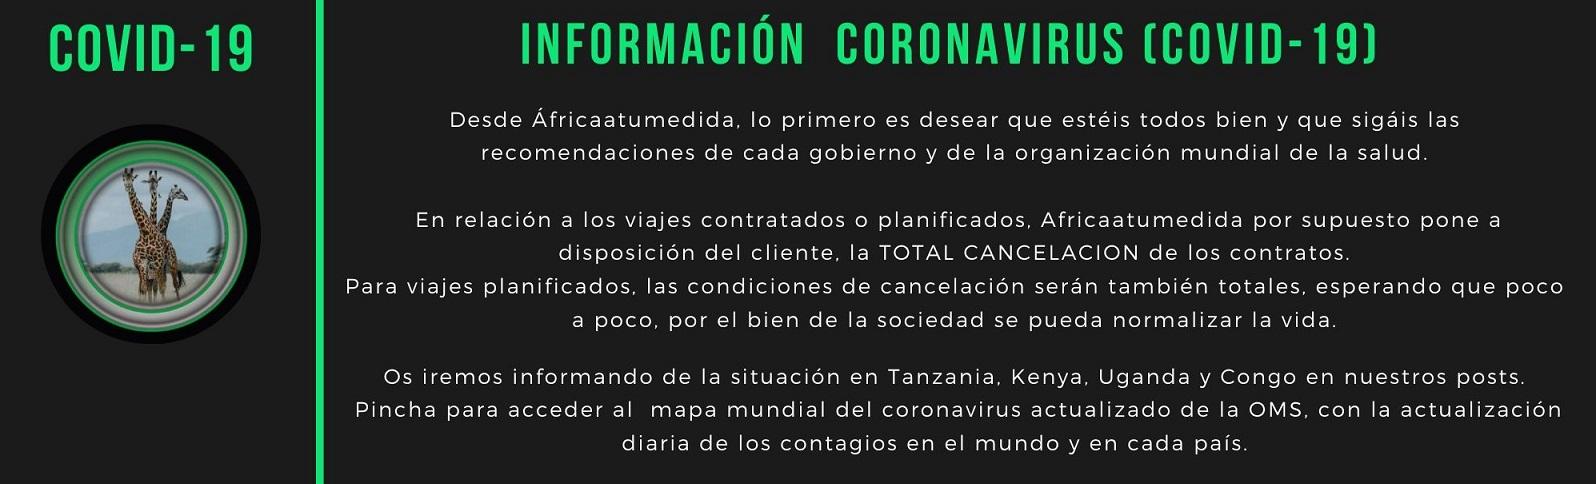 coronavirus Tanzania